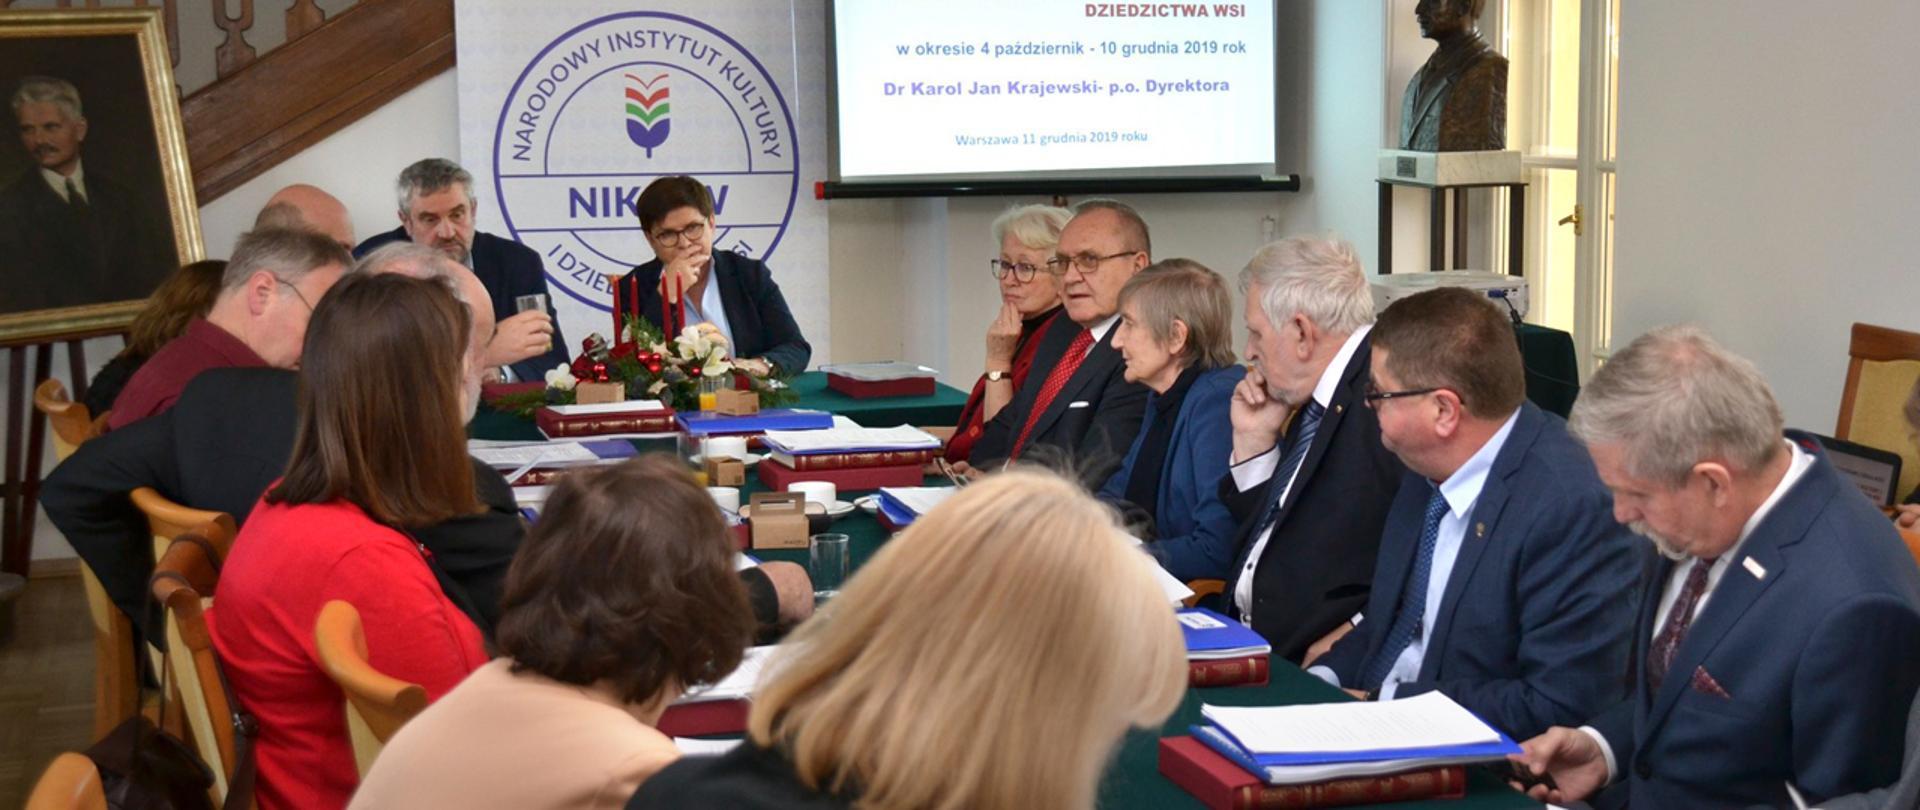 O działalności Narodowego Instytutu Kultury i Dziedzictwa Wsi